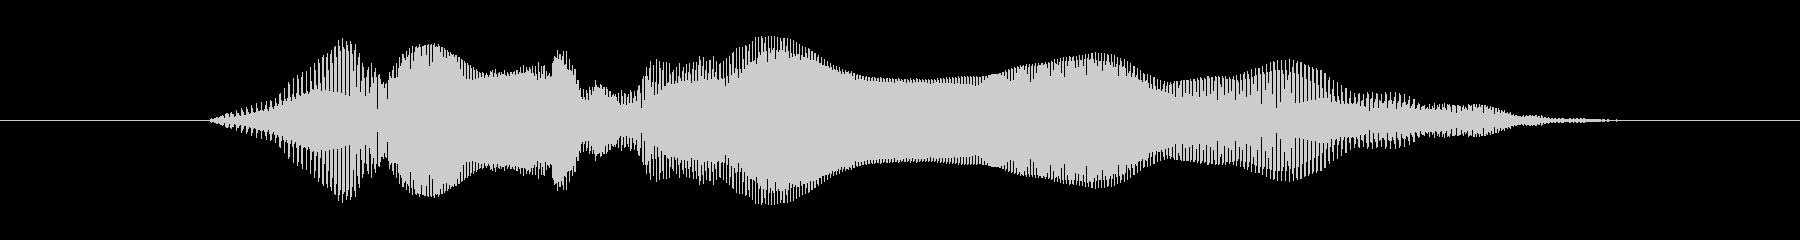 鳴き声 女性応援01の未再生の波形